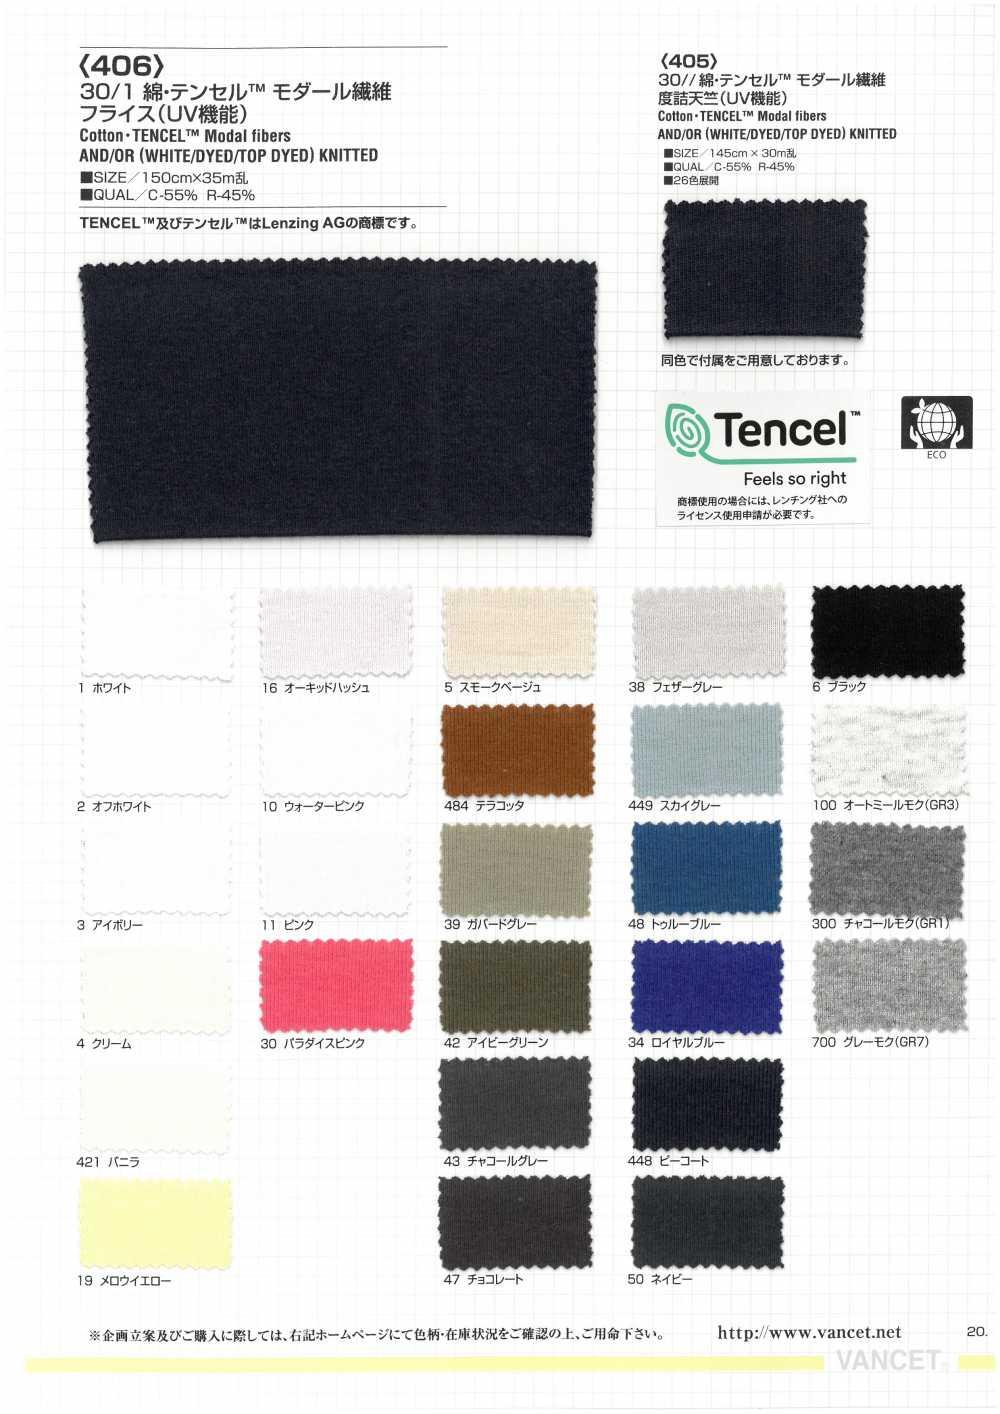 406 30/1 綿・テンセル™モダール繊維 フライス(UV機能)[生地] VANCET